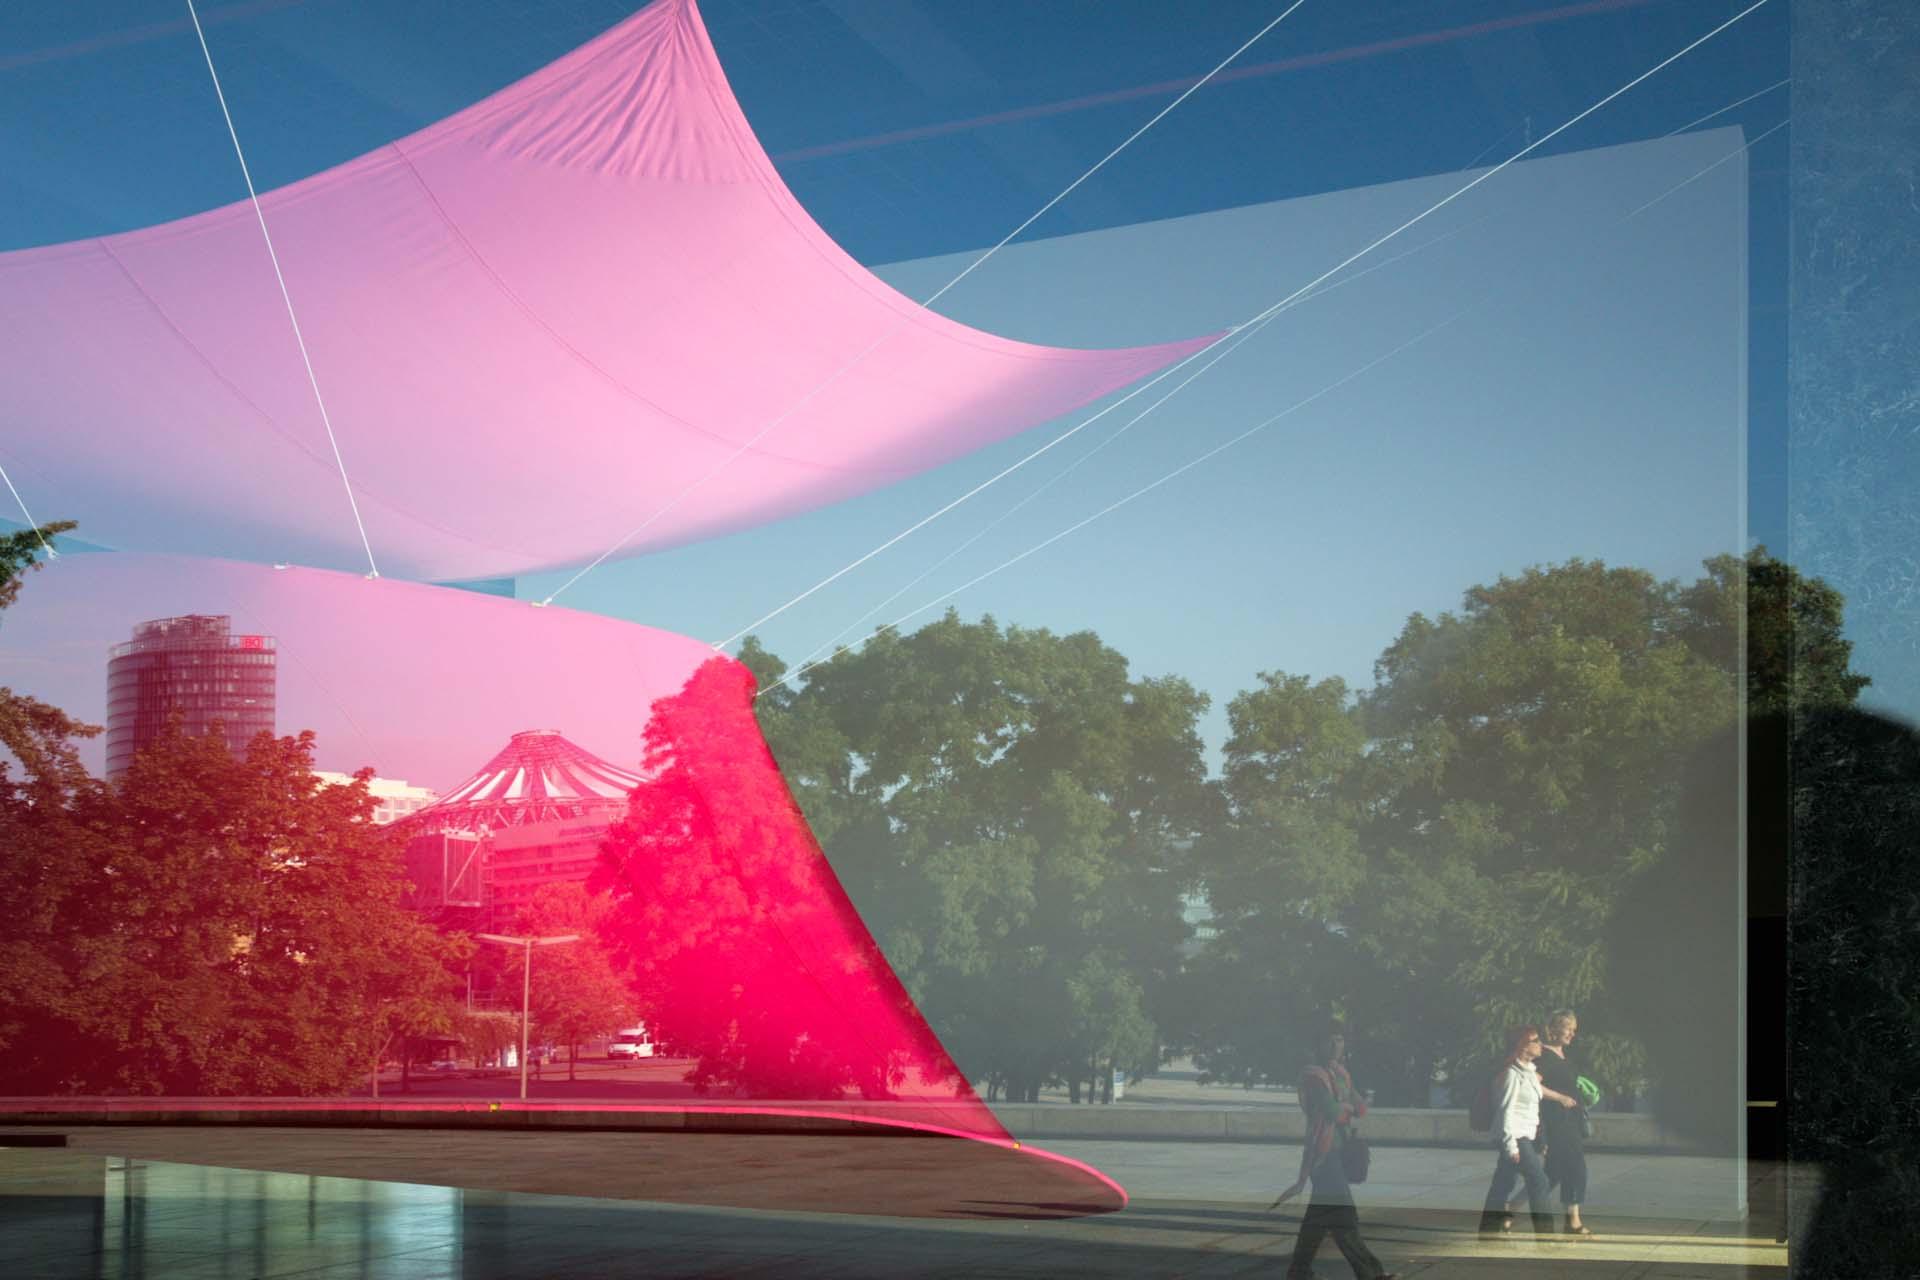 """Im Fenster der Neuen Nationalgalerie Berlin spiegelt sich der Potsdamerplatz mit DB-Tower und Sony Center, sowie Rupprecht Geigers """"Rote Trombe""""."""